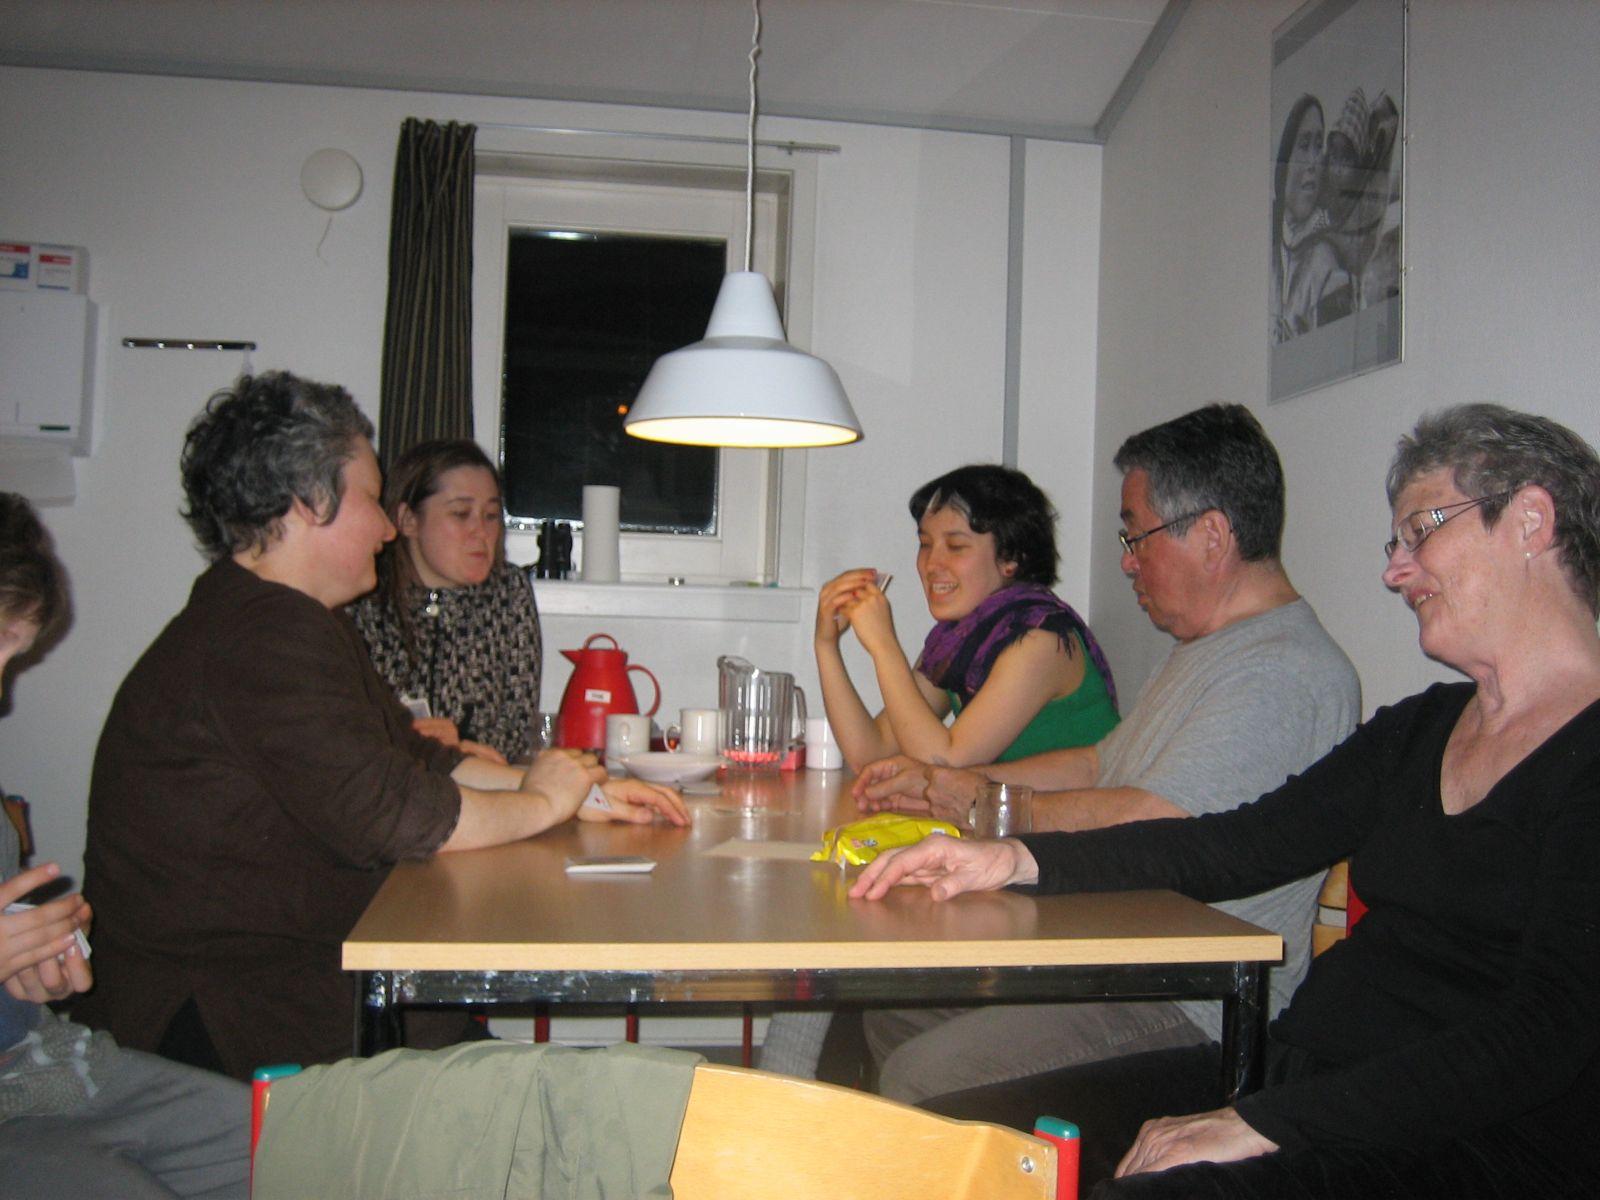 2009-04-04-2302_-_Ivalo Lynge Labansen; Maritha Eugenius Labansen; Mette Labansen